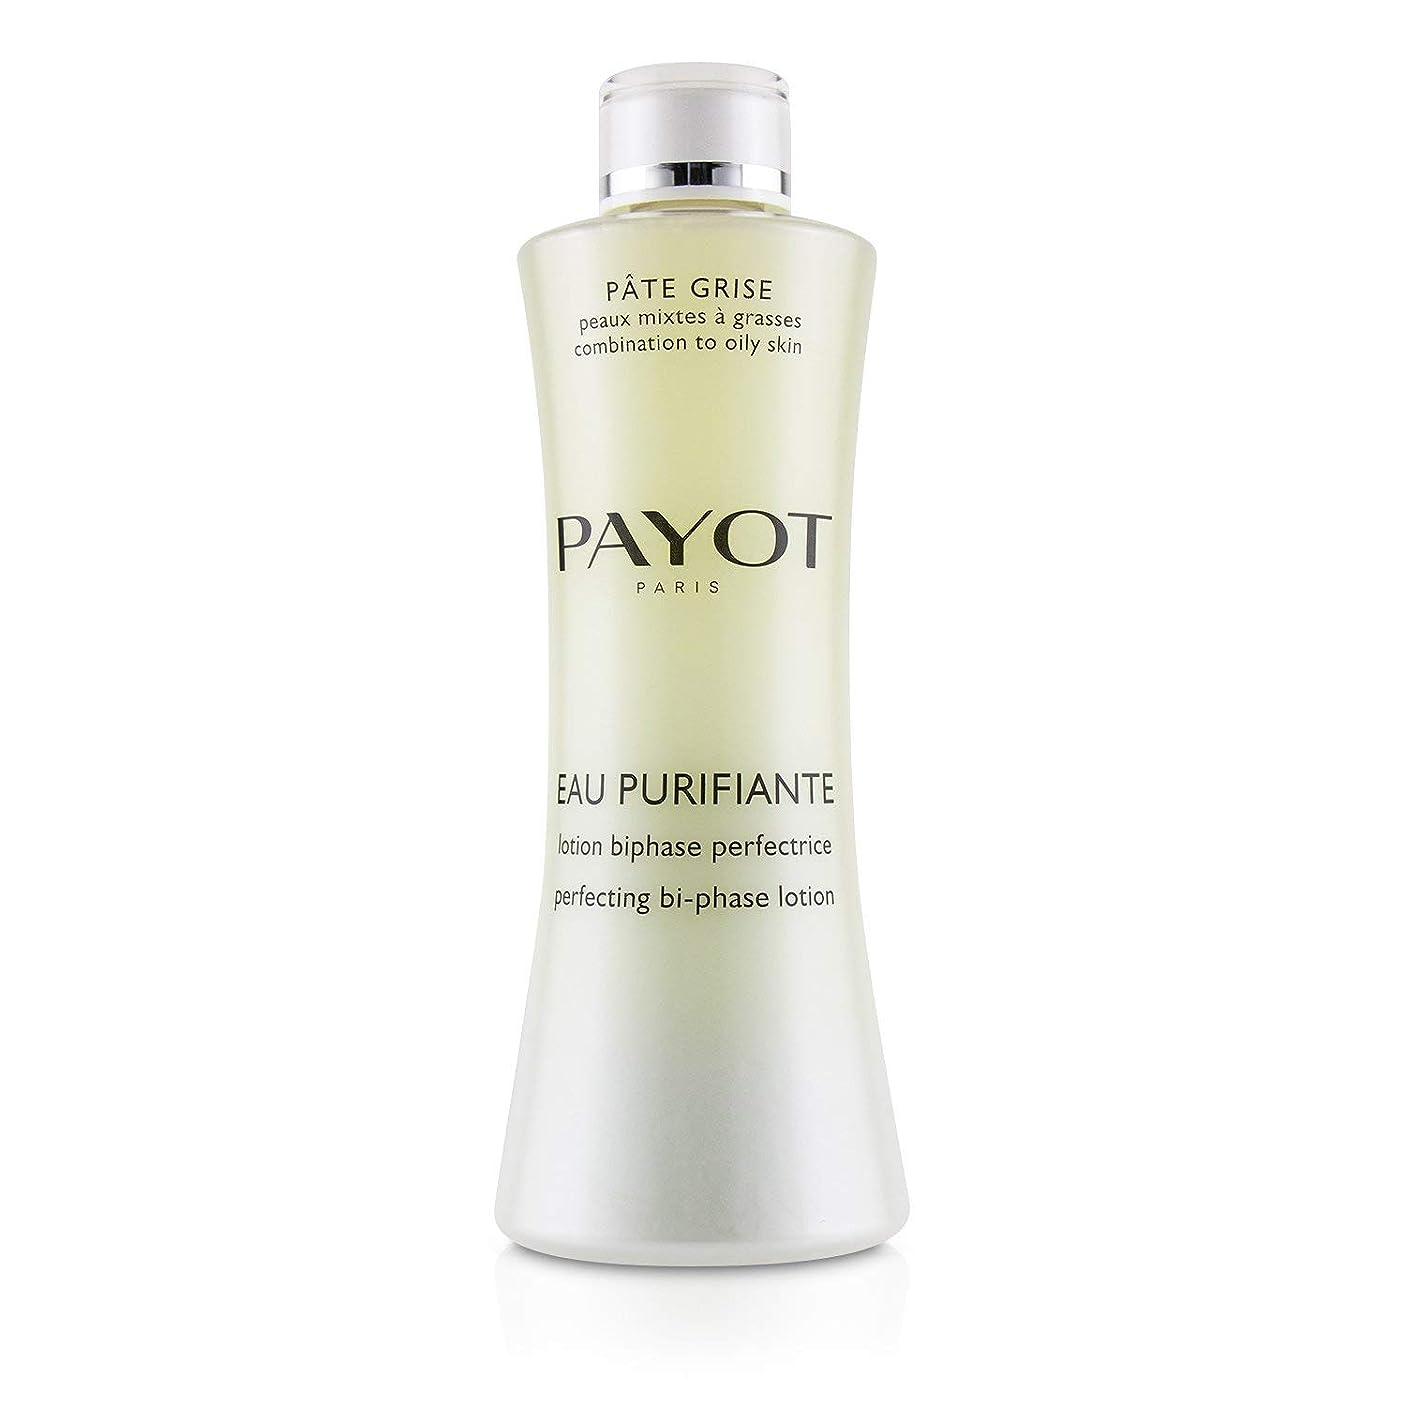 聖歌頼む拷問パイヨ Pate Grise Eau Purifiante Perfecting Bi-Phase Lotion (Salon Size) 400ml/13.5oz並行輸入品